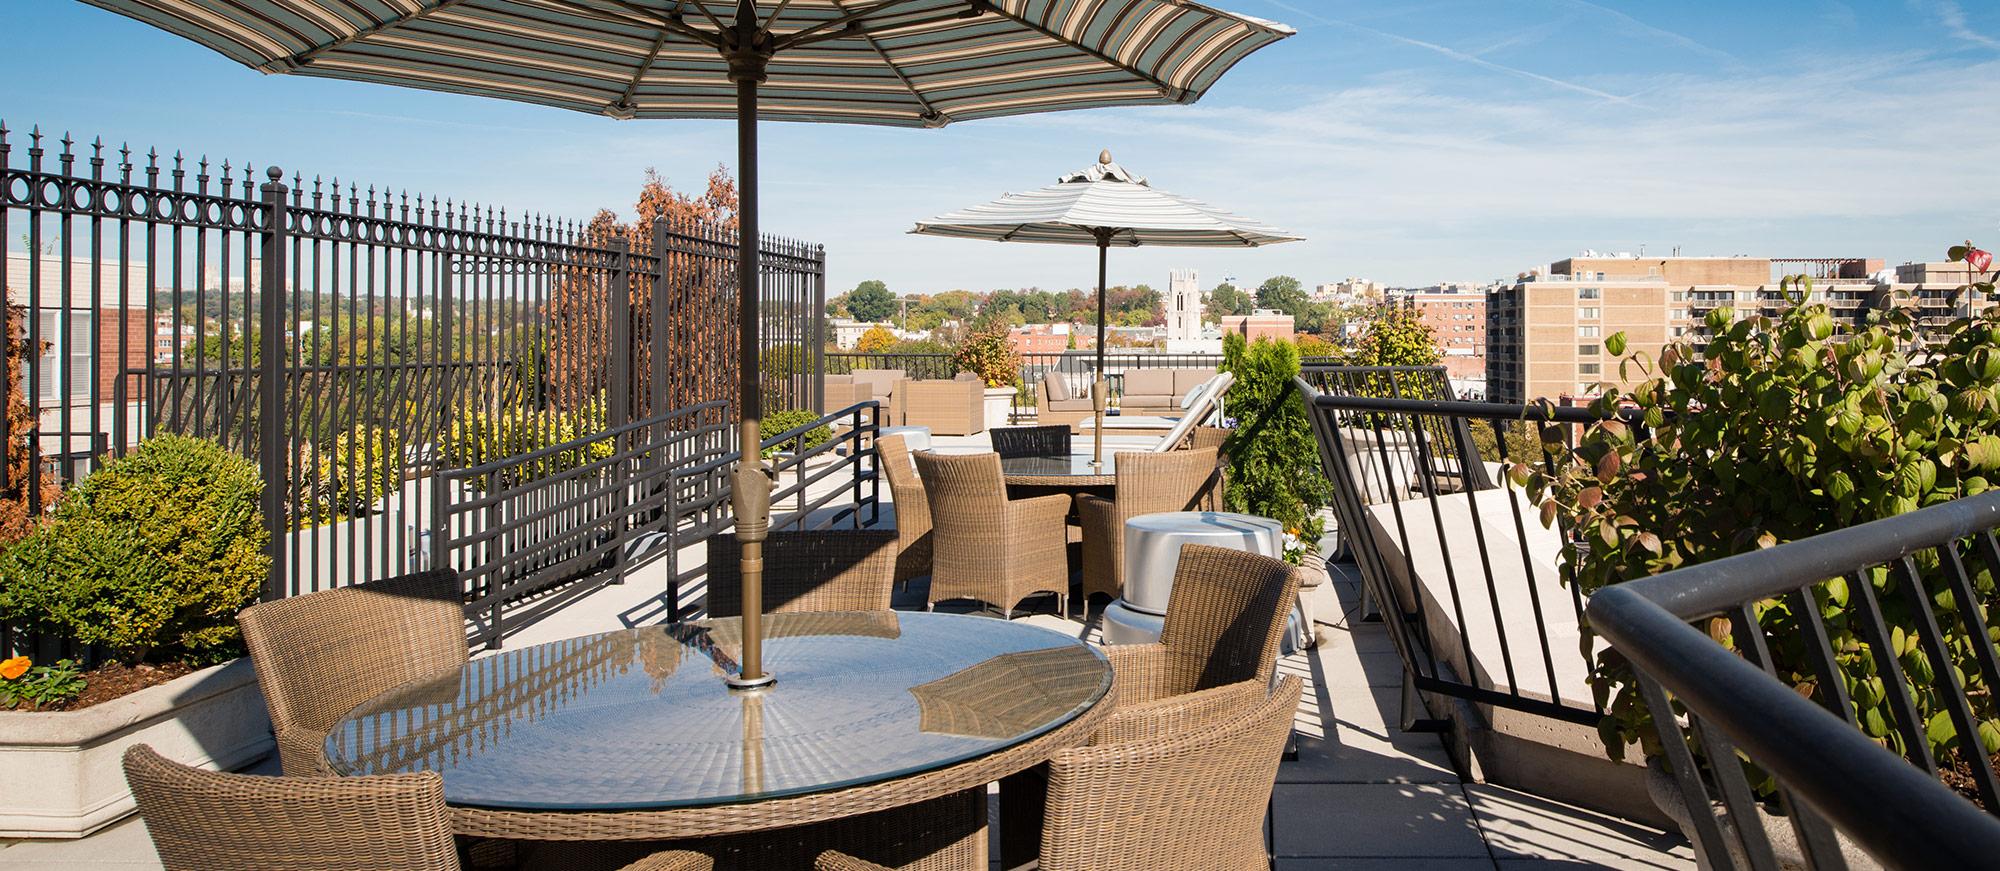 Luxury Apartments in Washington DC | Westbrooke Place